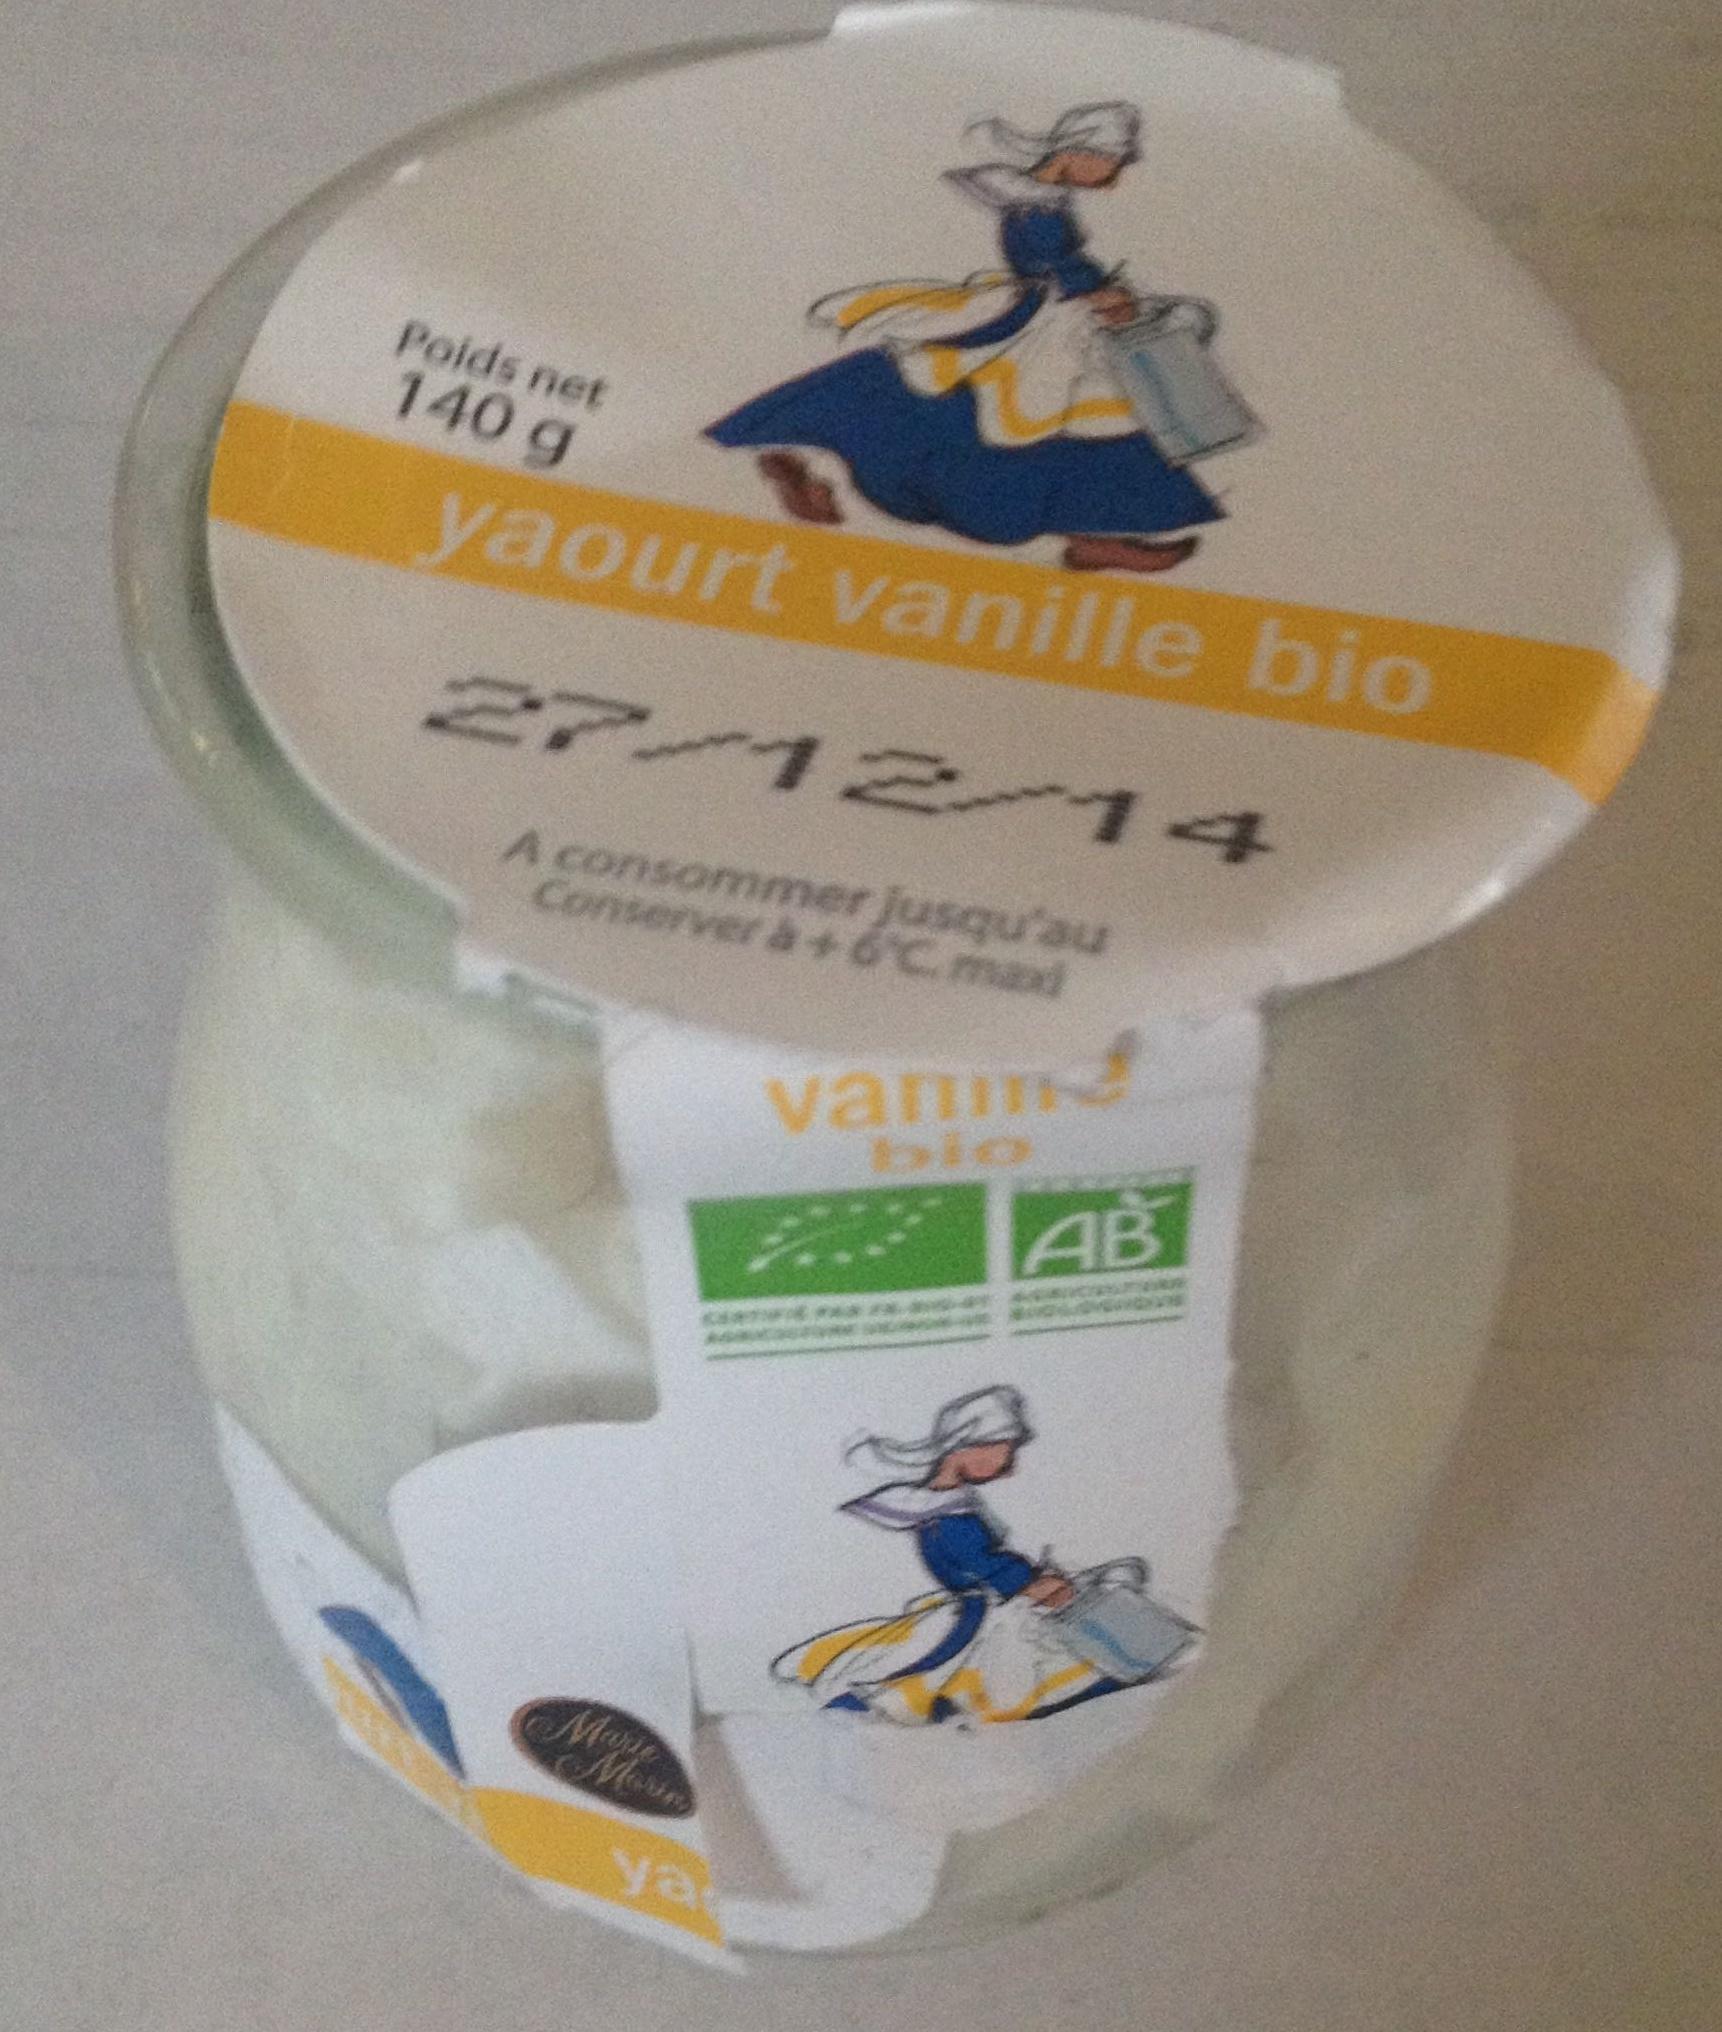 Yaourt vanille bio - Product